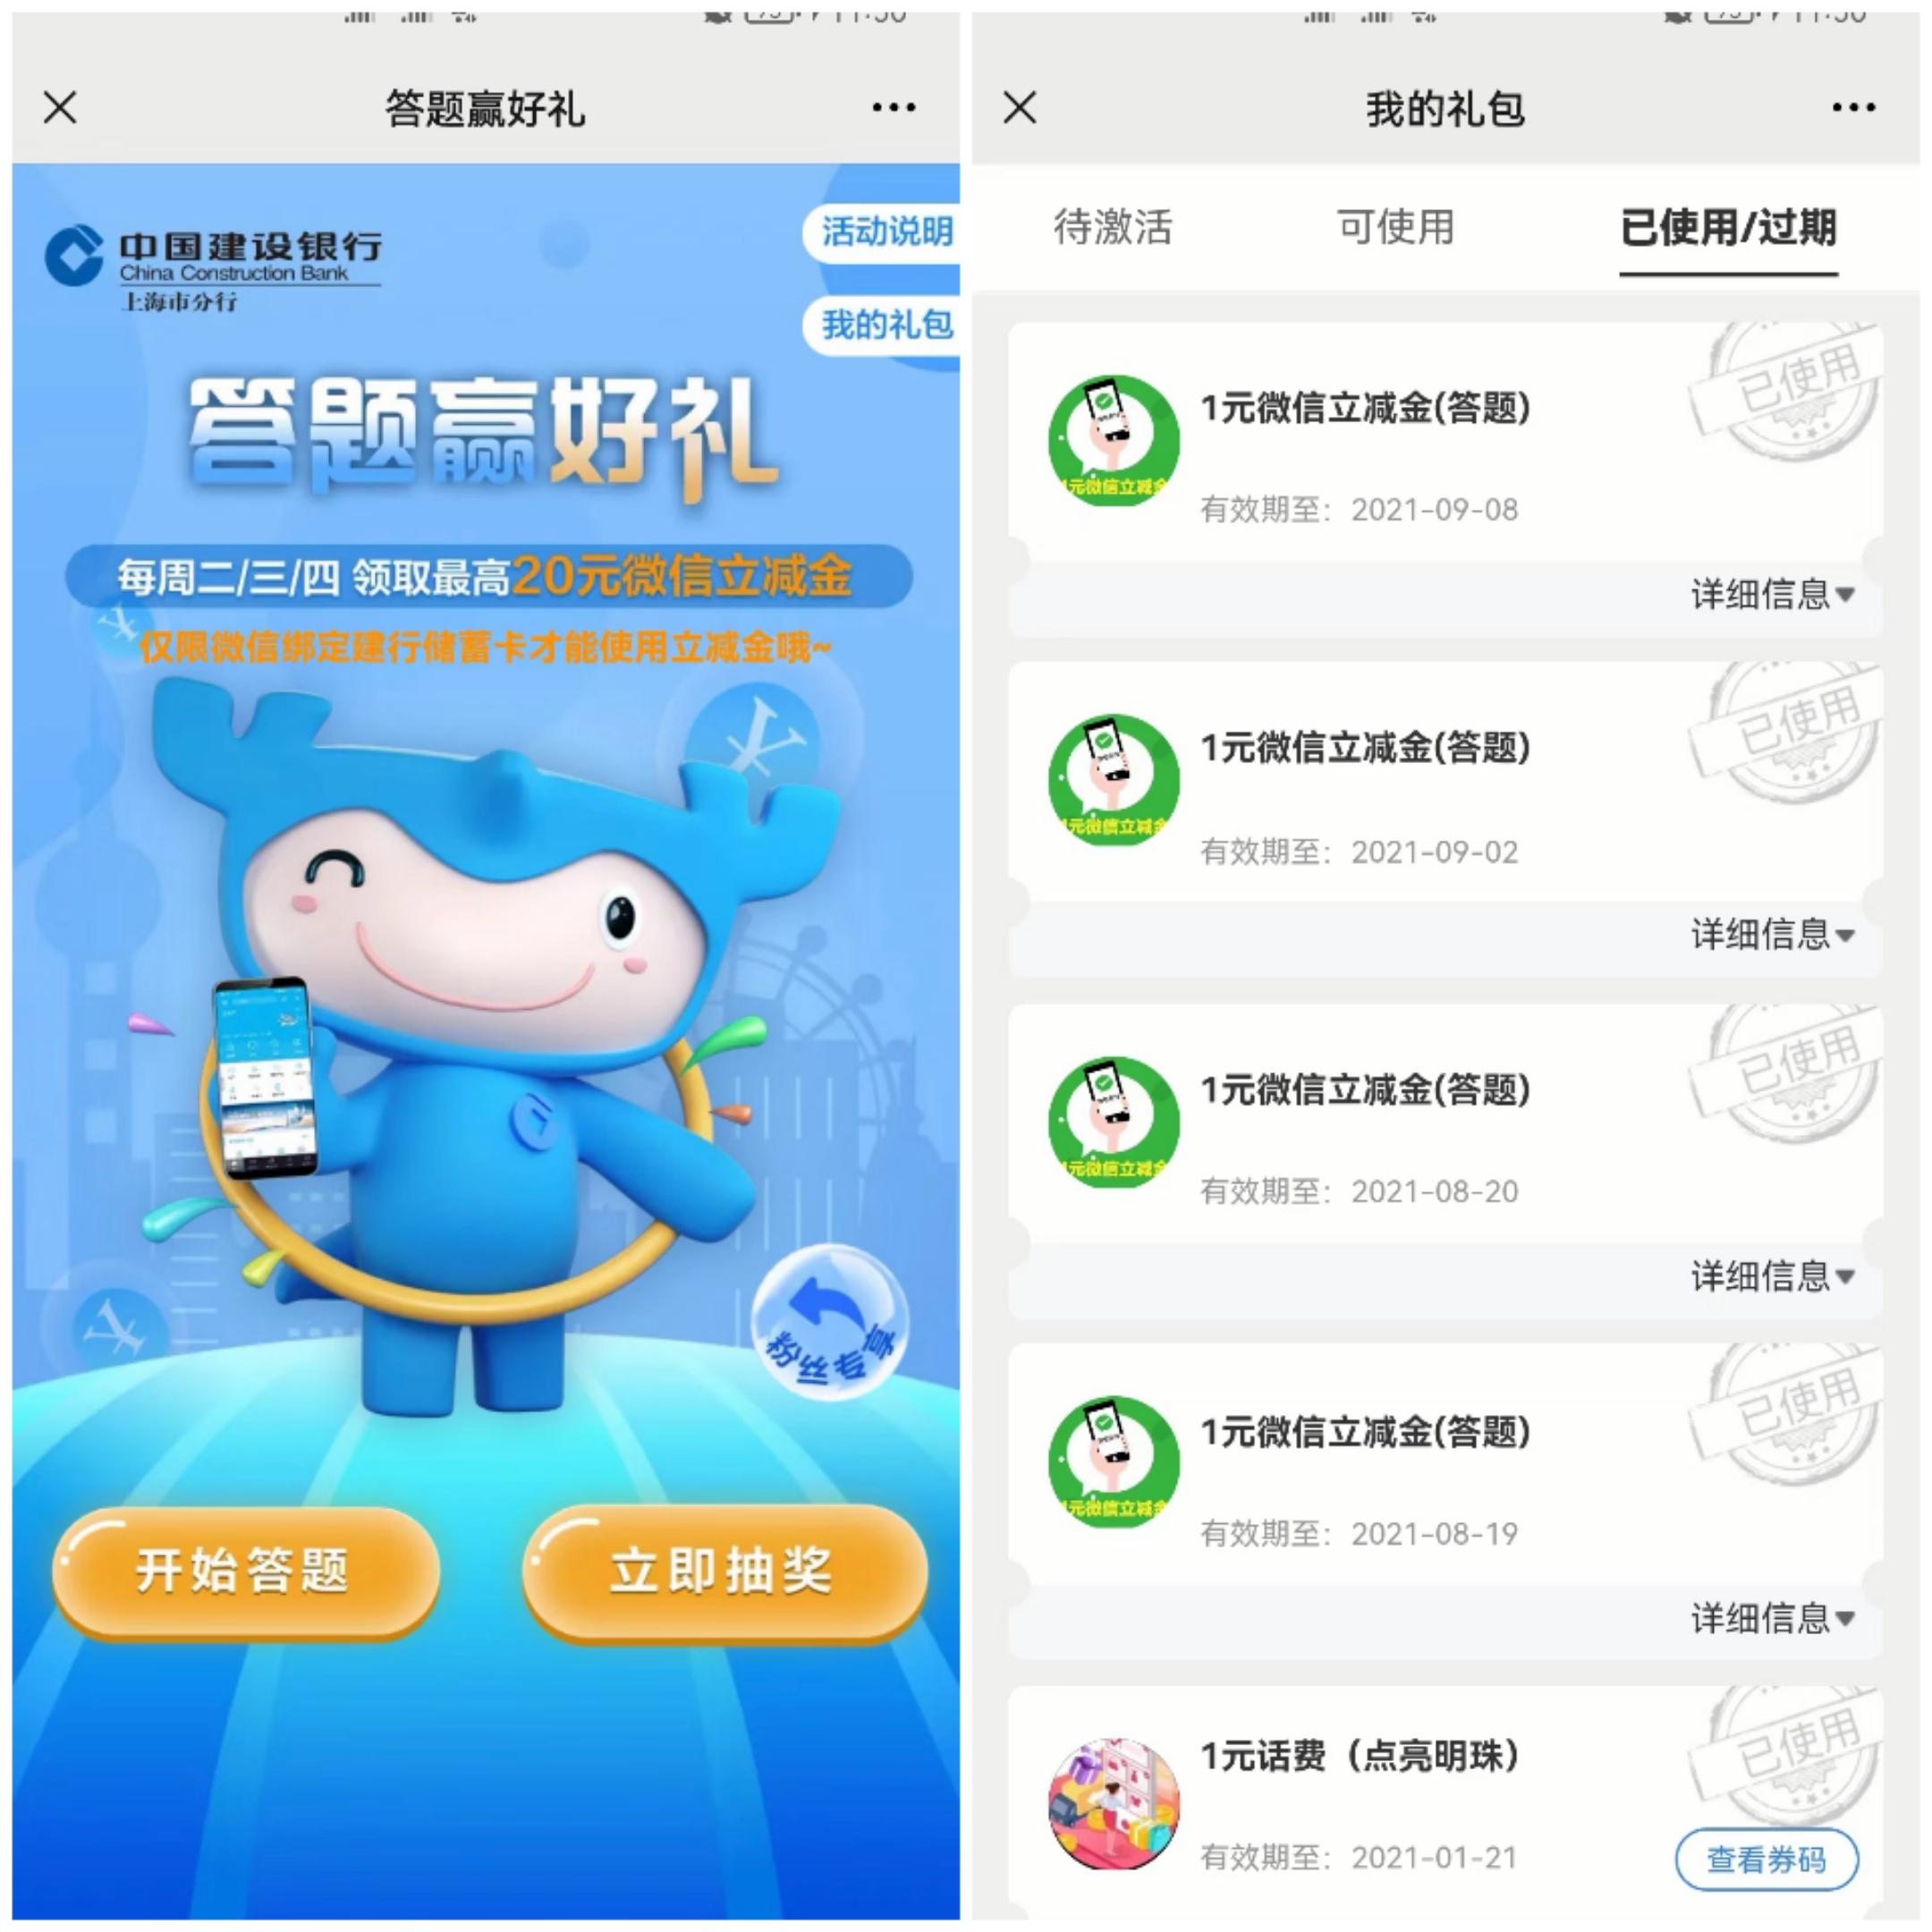 中国建设银行抽1-20元微信立减金 亲测1元微信立减金